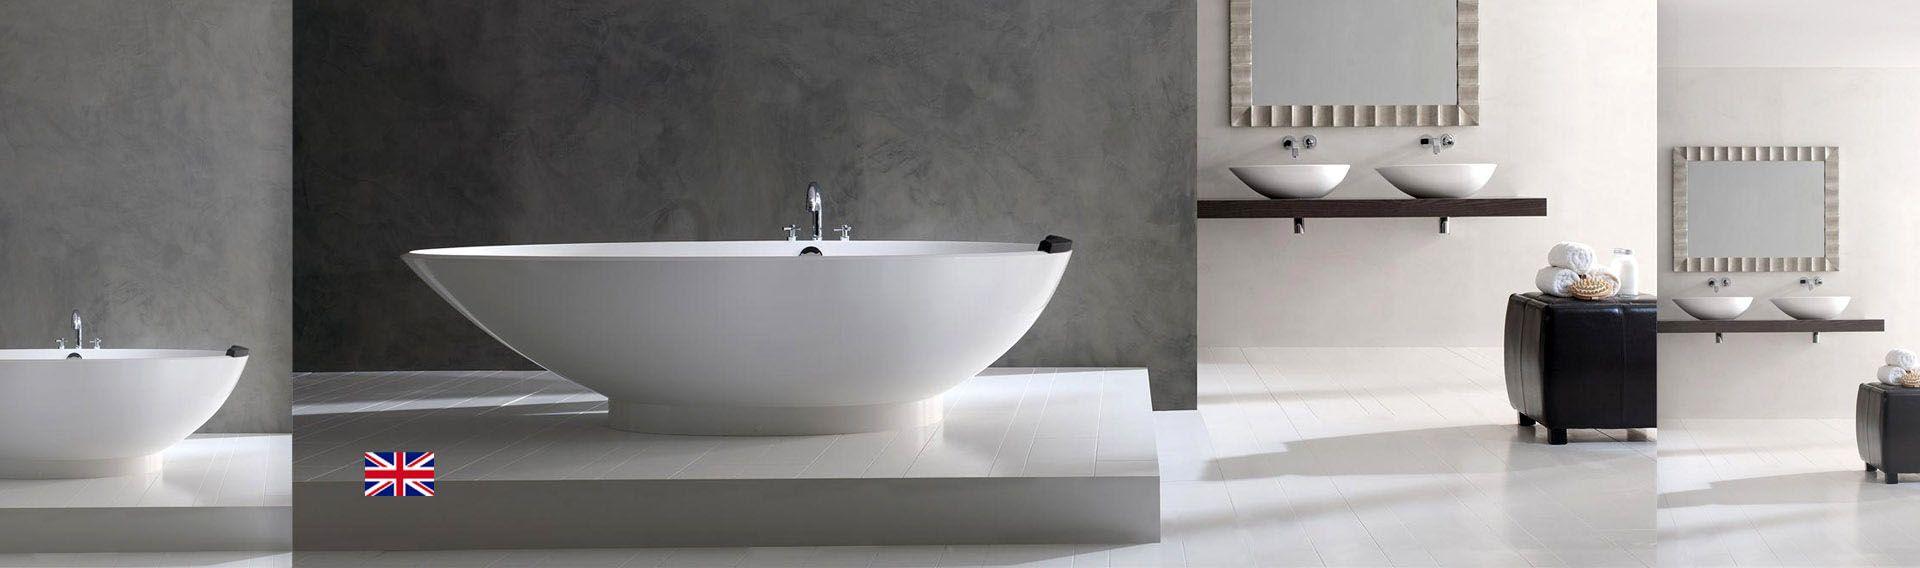 Pisos azulejos y porcelanatos en guadalajara tinas de for Sonar con cuarto de bano